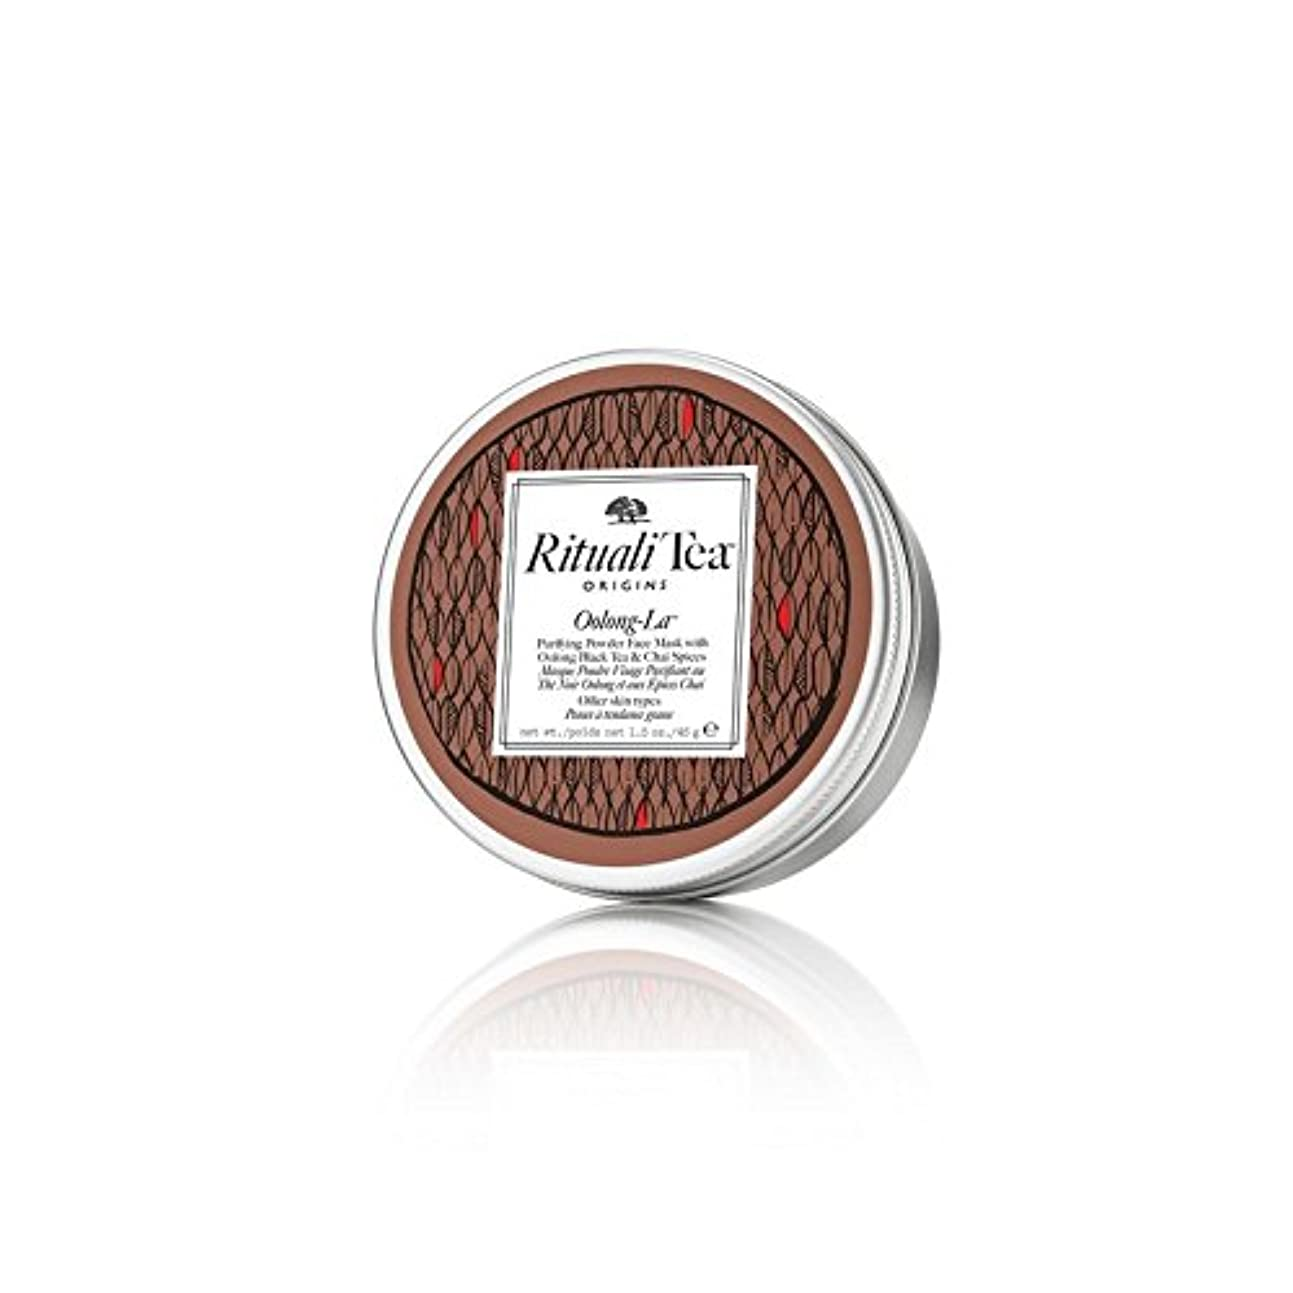 クラフト延ばすコーン起源抹茶フェイスマスク烏龍茶ラ45グラム x2 - Origins Powdered Tea Face Mask Oolong-La 45g (Pack of 2) [並行輸入品]